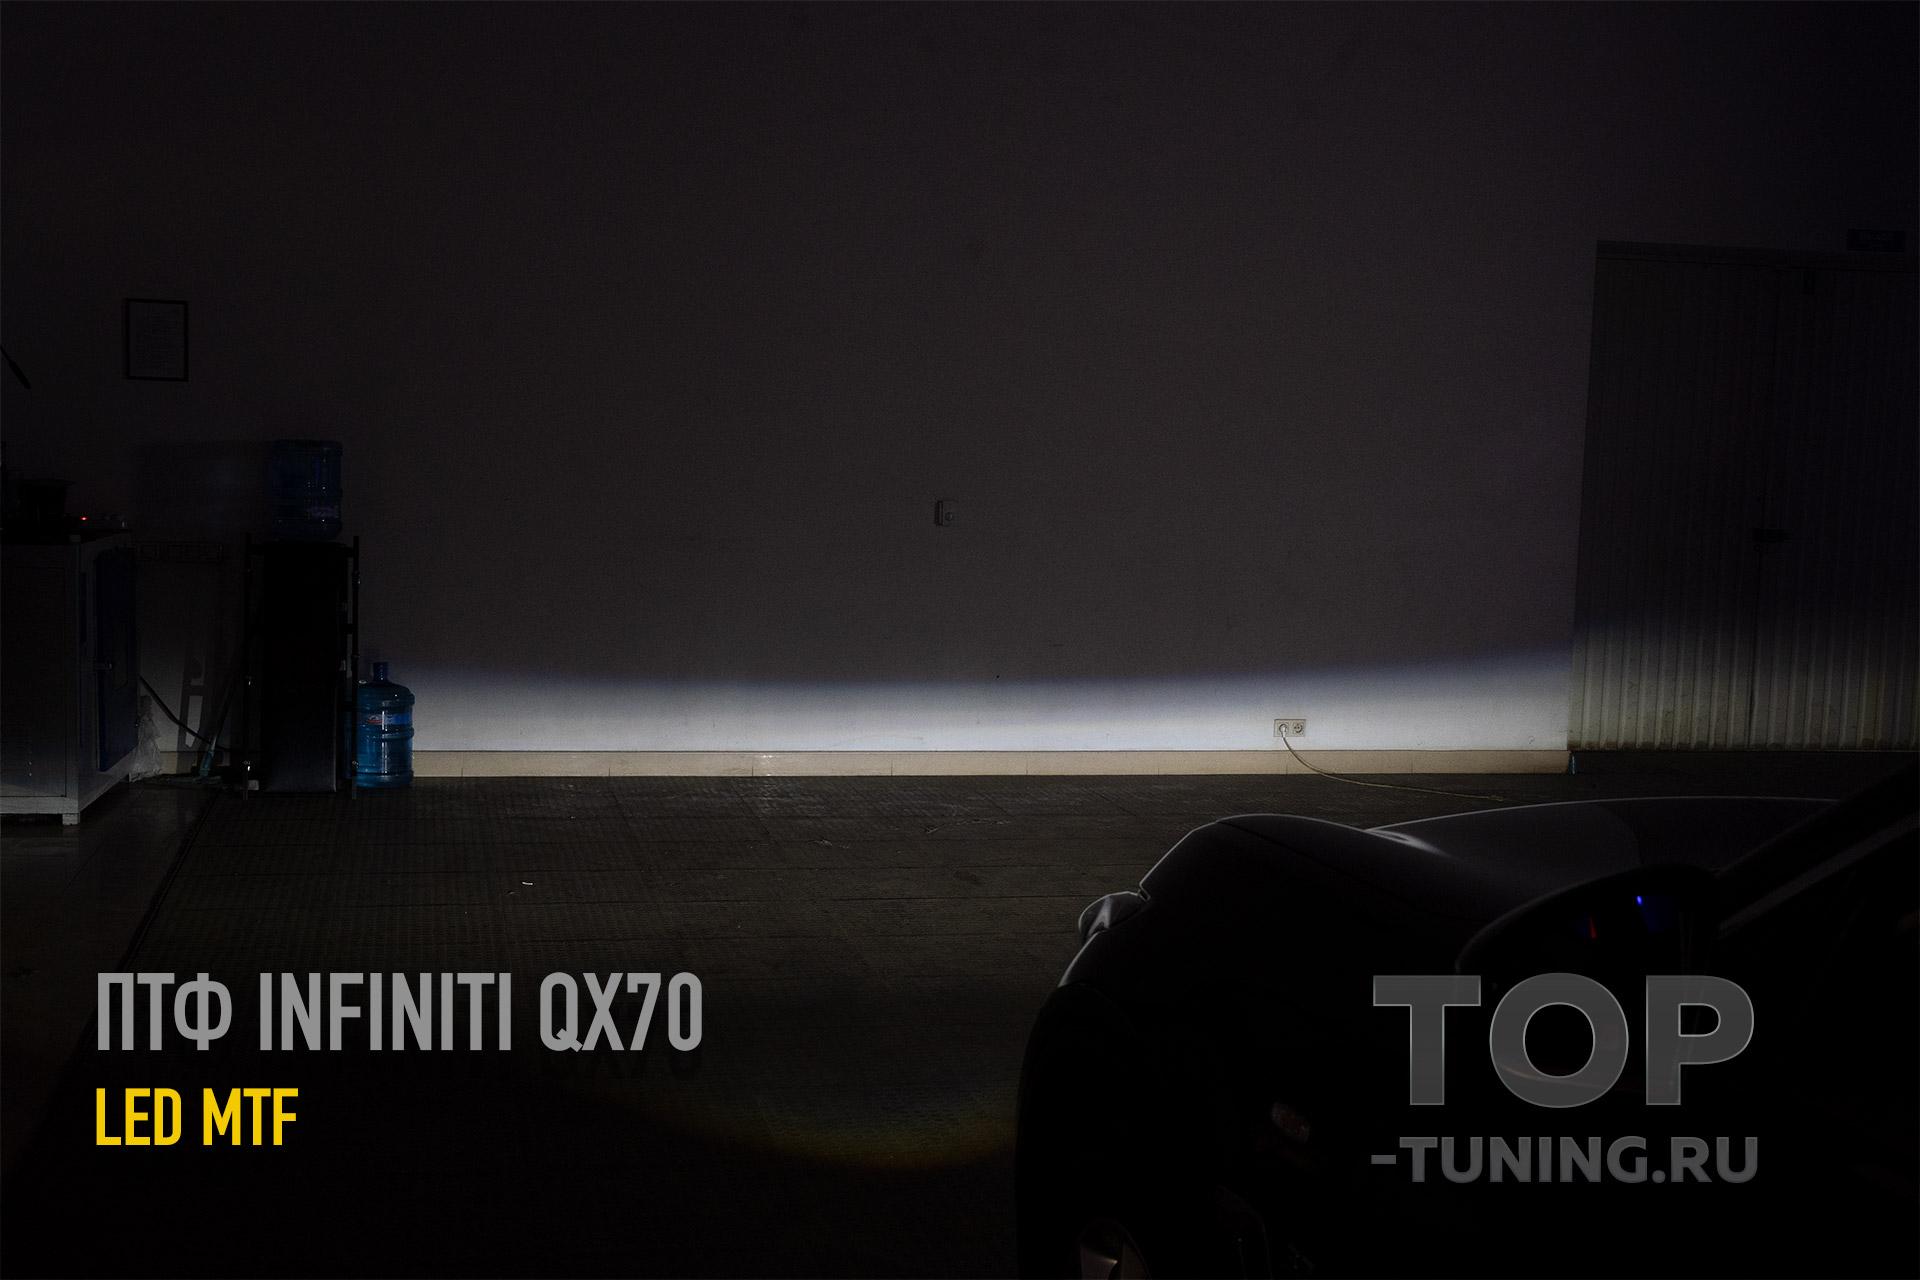 Светодиодные линзованные ПТФ MTF Light в Инфинити QX7 s51 (FX2)